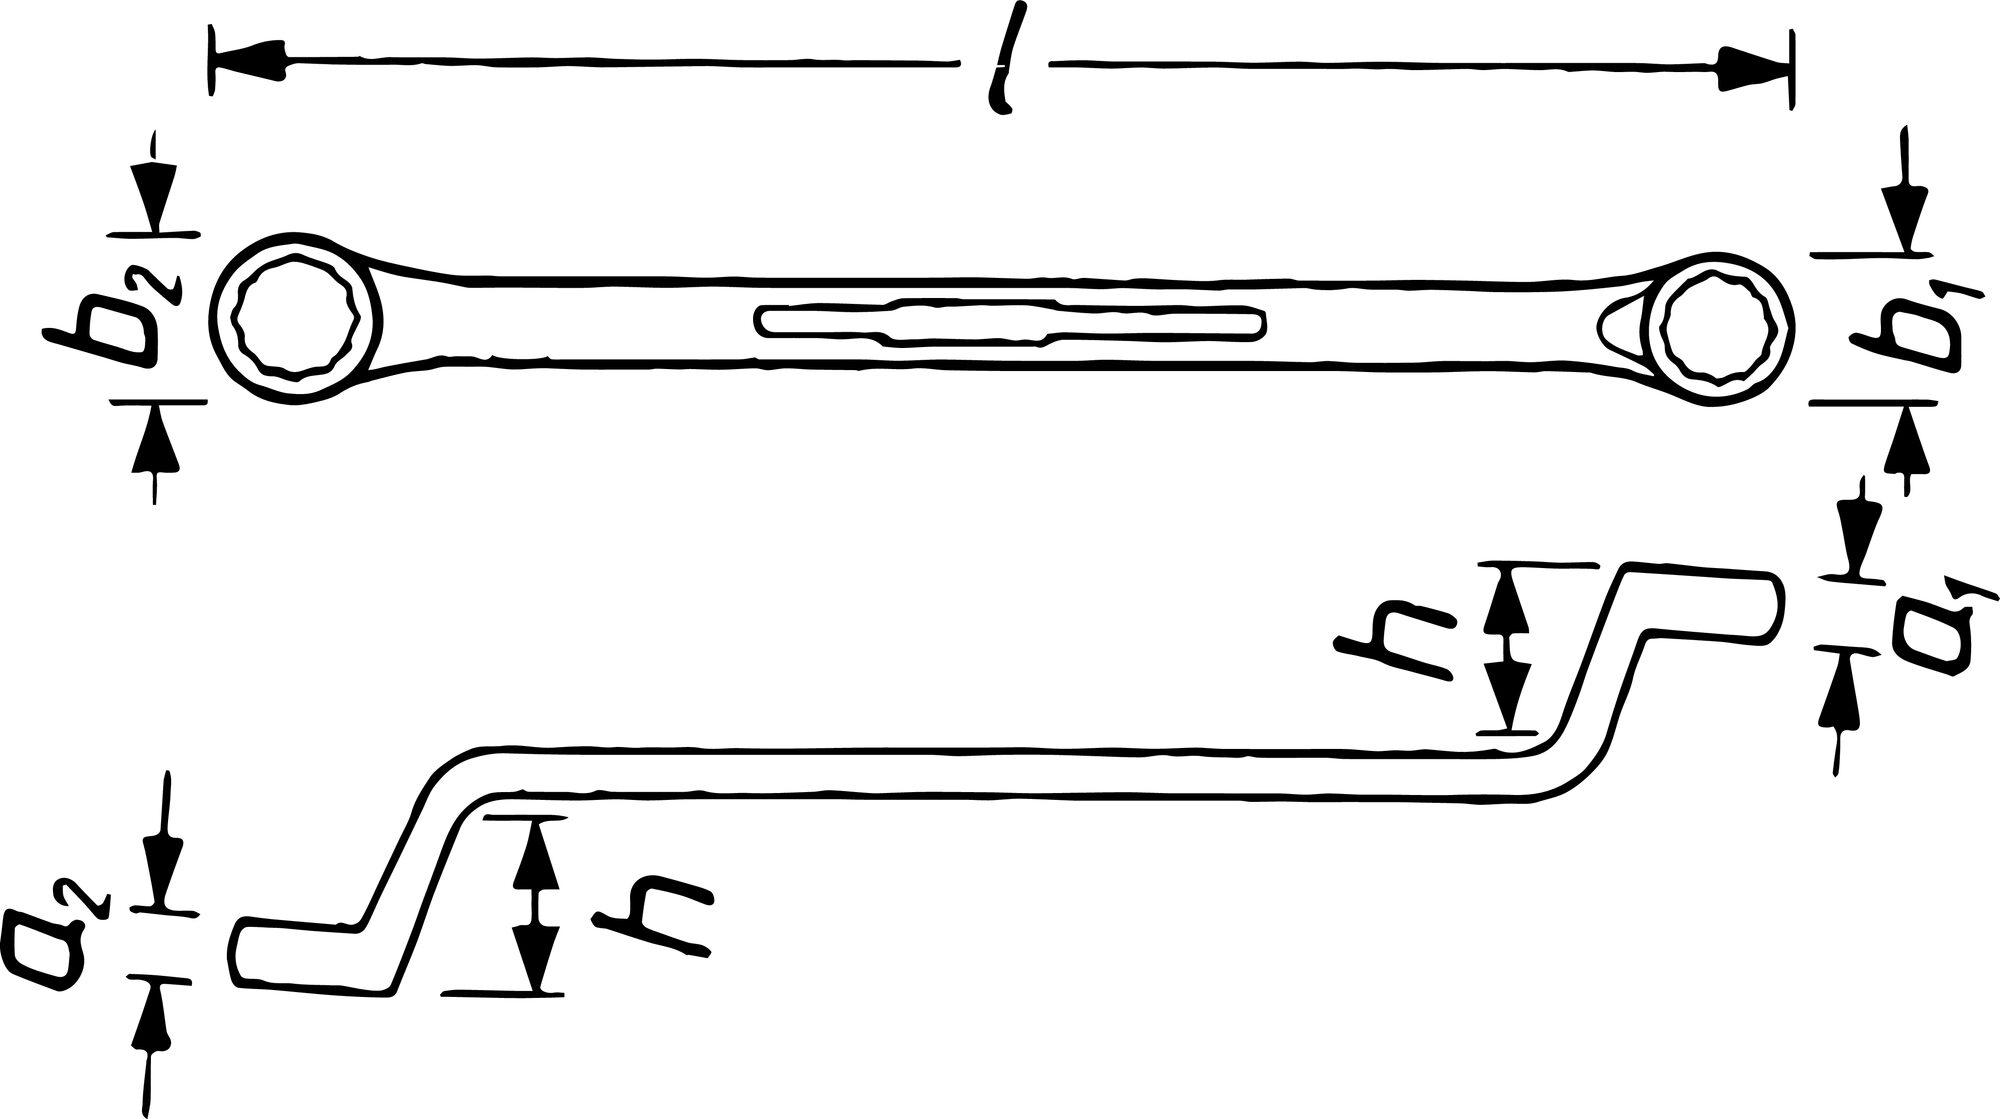 HAZET Doppel-Ringschlüssel 630-24X27 ∙ Außen-Doppel-Sechskant Profil ∙ 24 x 27 mm